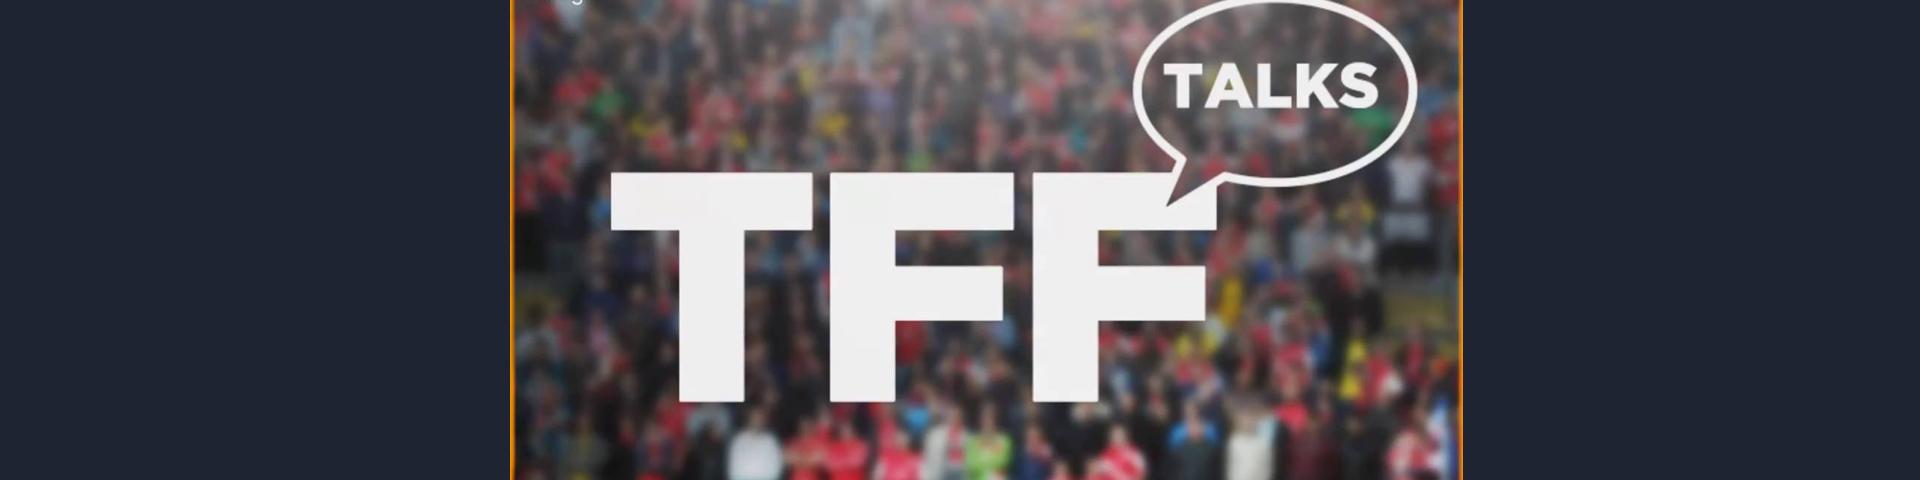 TFF Talks Season 2 Episode 4 (04/09/2017)